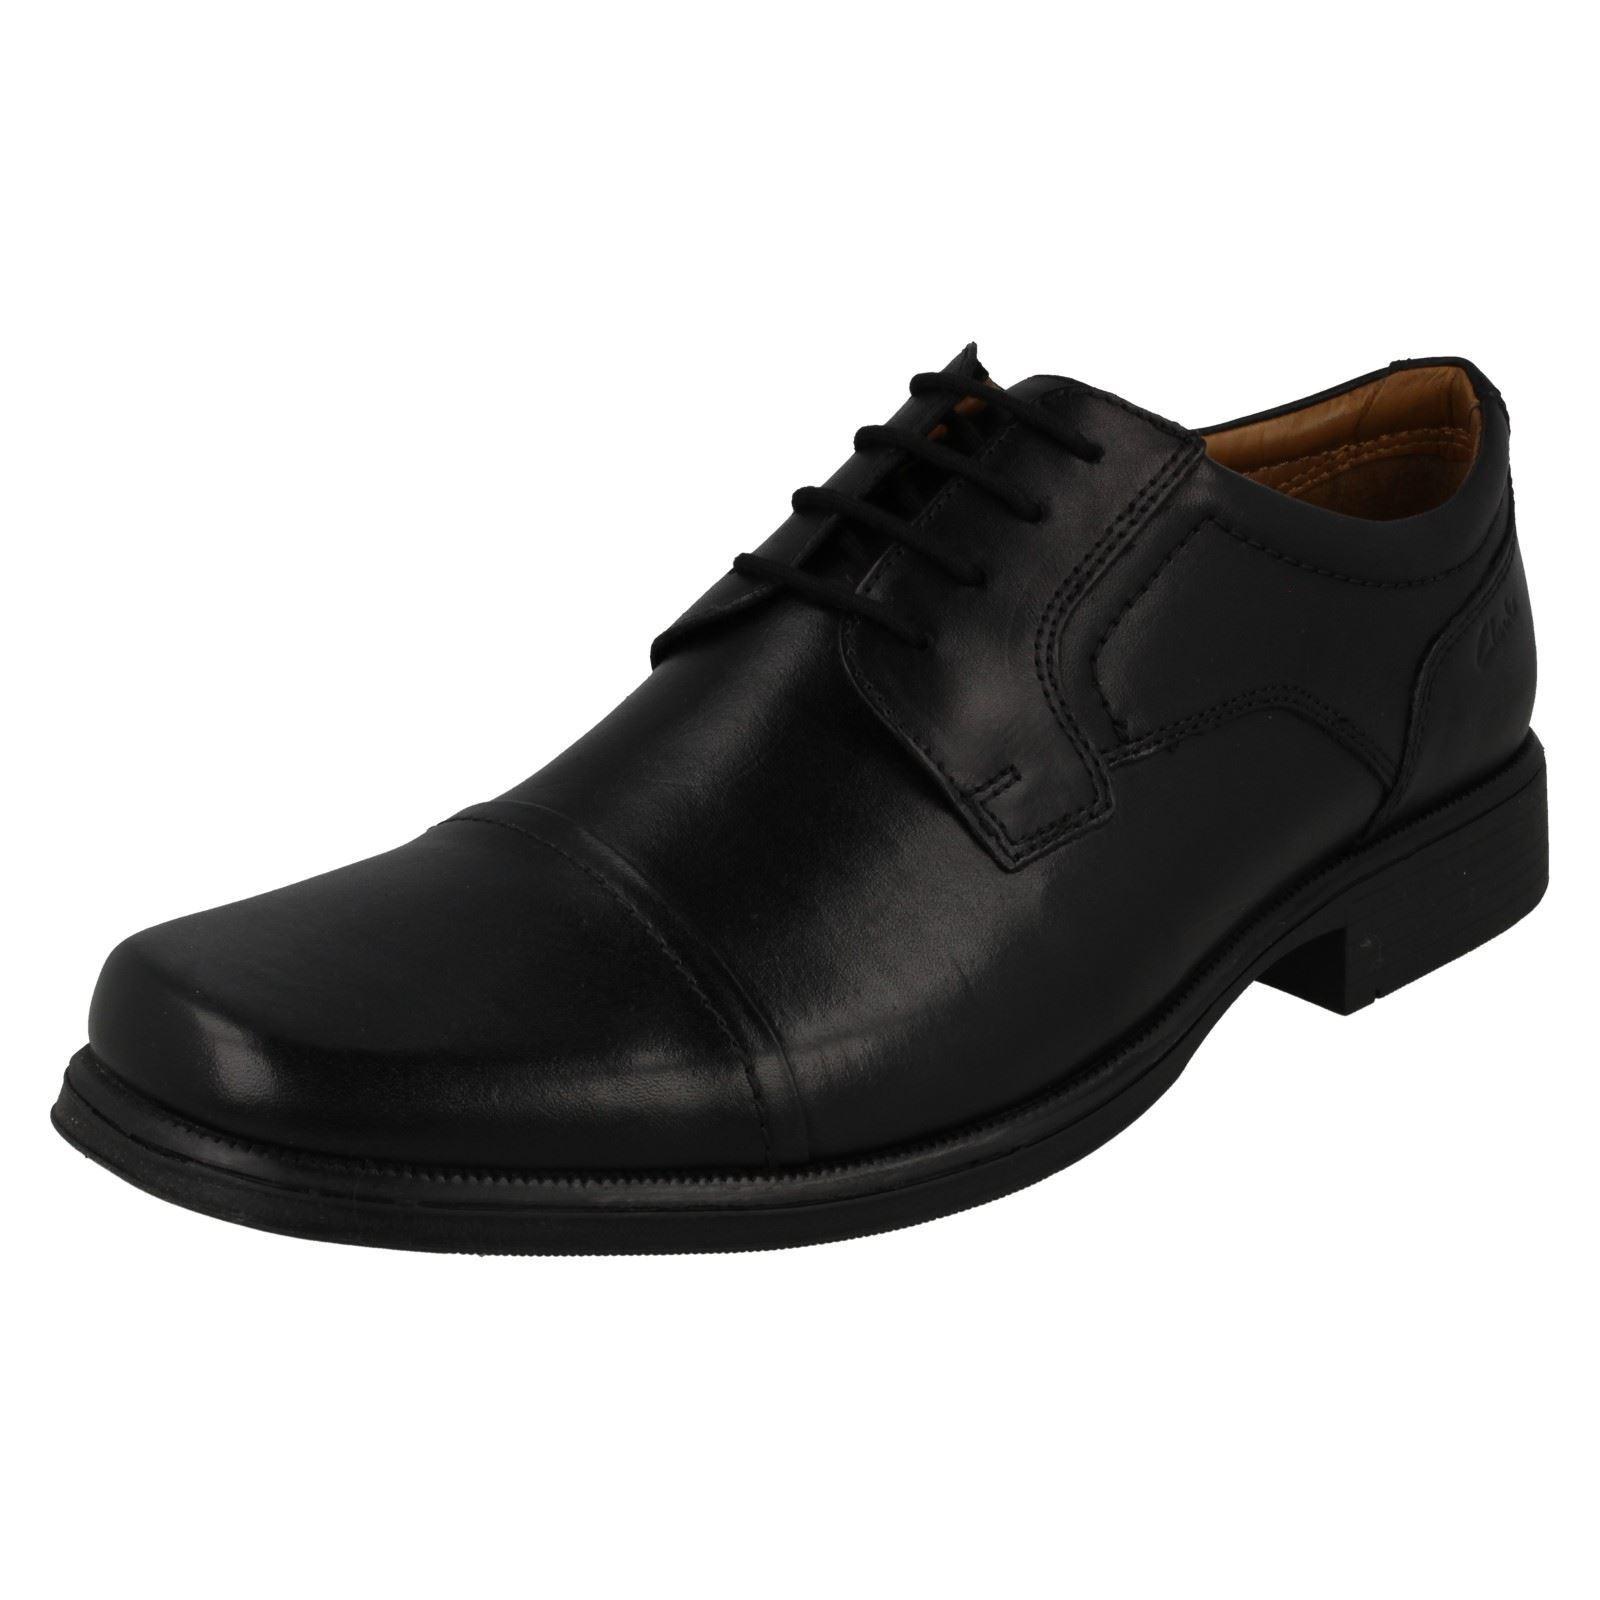 Herren Cap Clarks Lace Up Schuhes Huckley Cap Herren fd6ce8